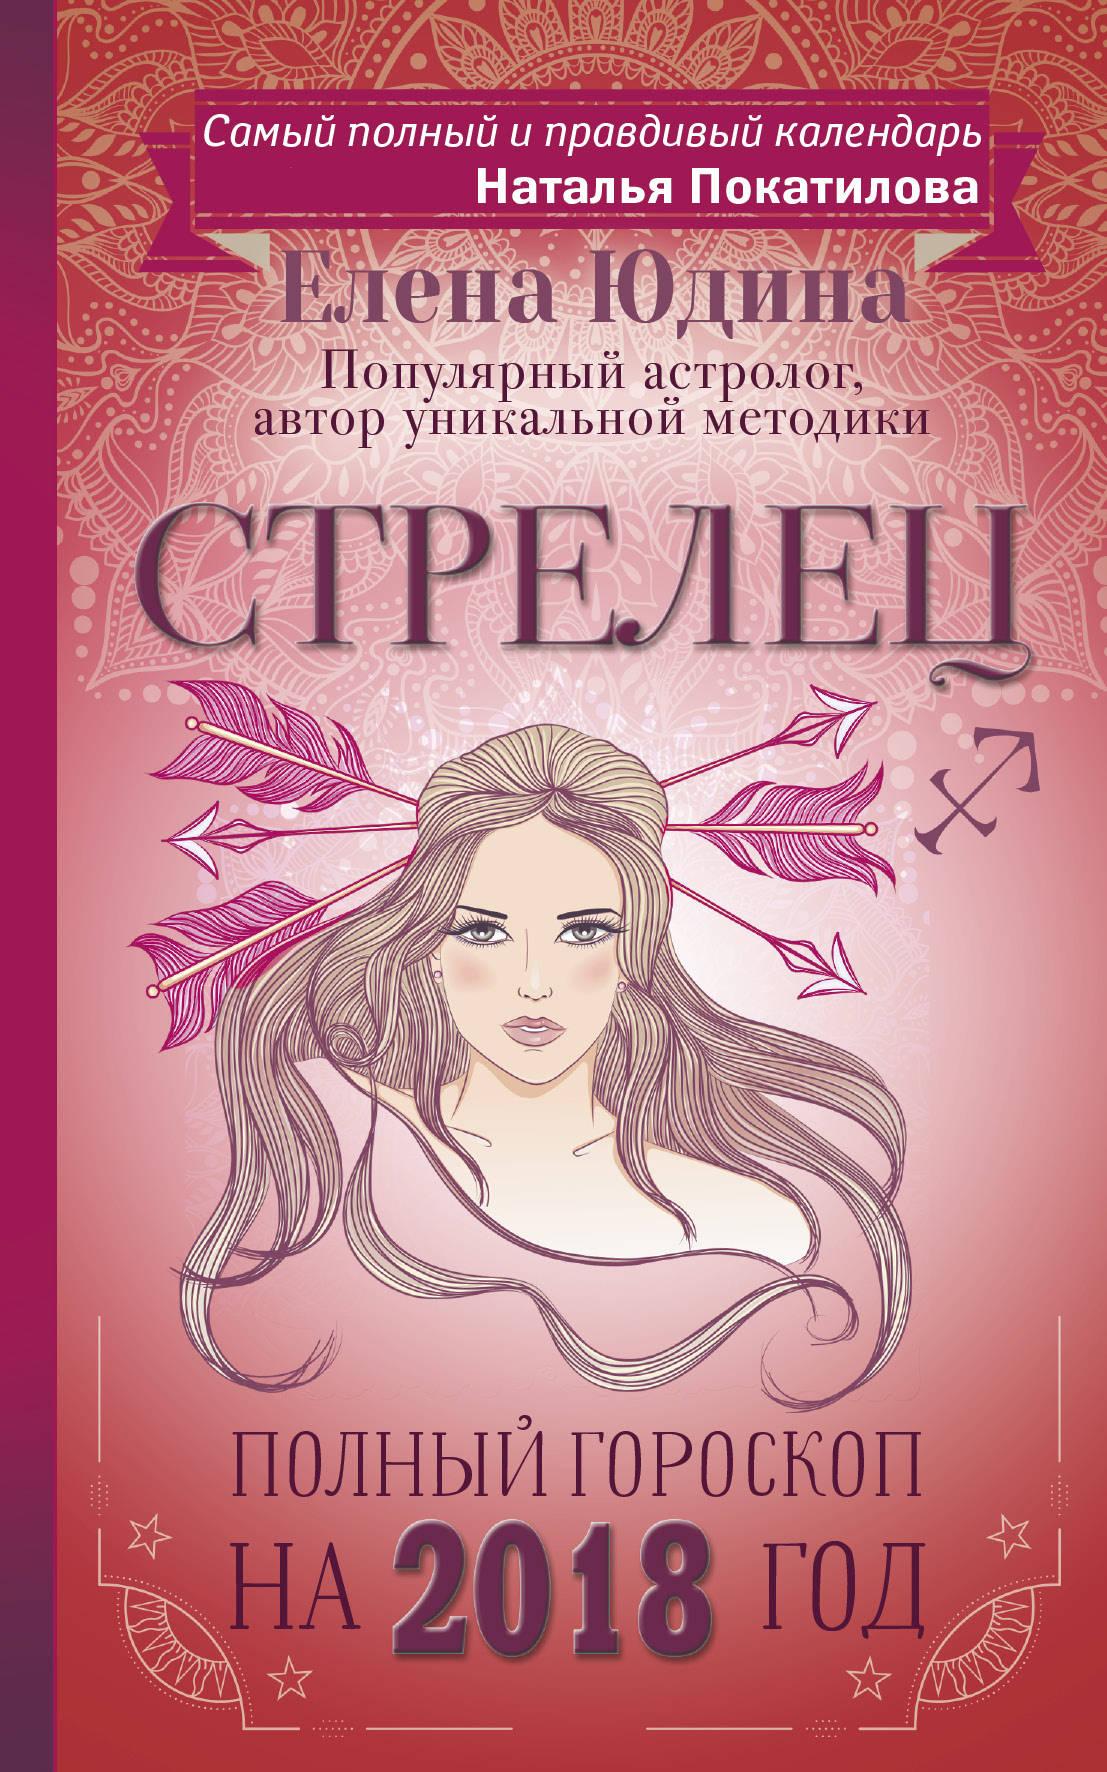 Елена Юдина Стрелец. Полный гороскоп на 2018 год